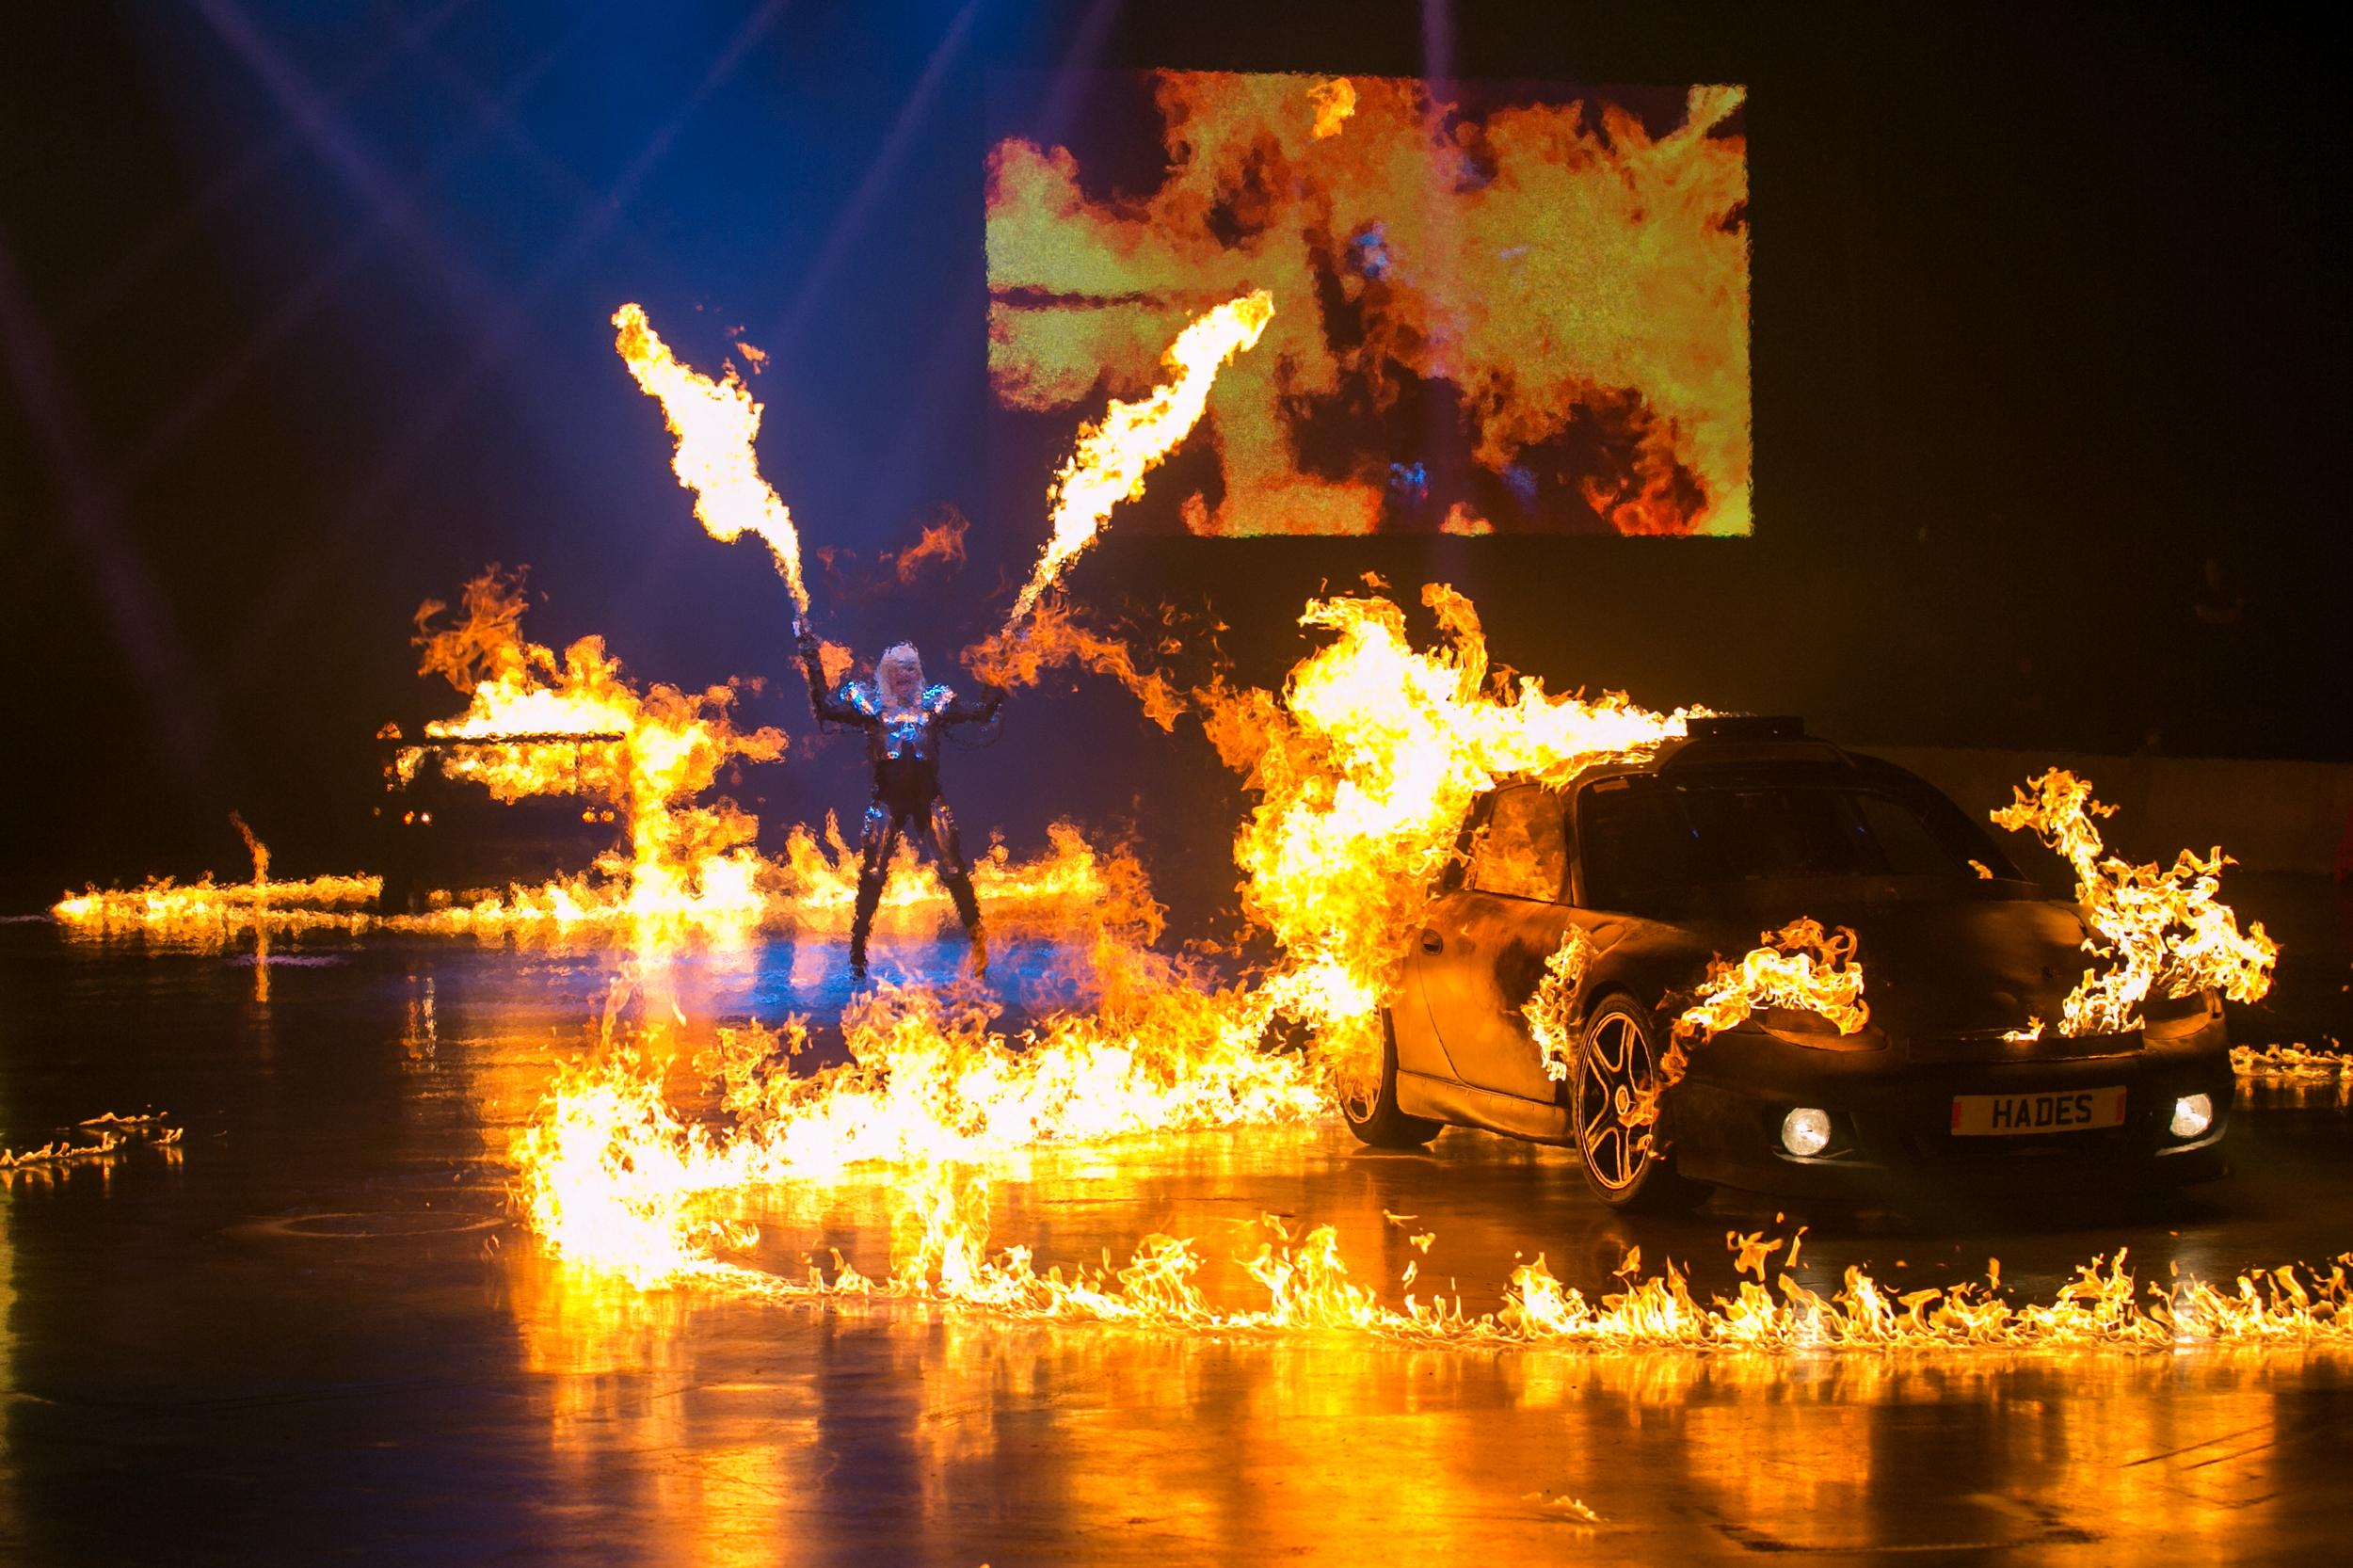 Inferno_MikeFryatt.jpg